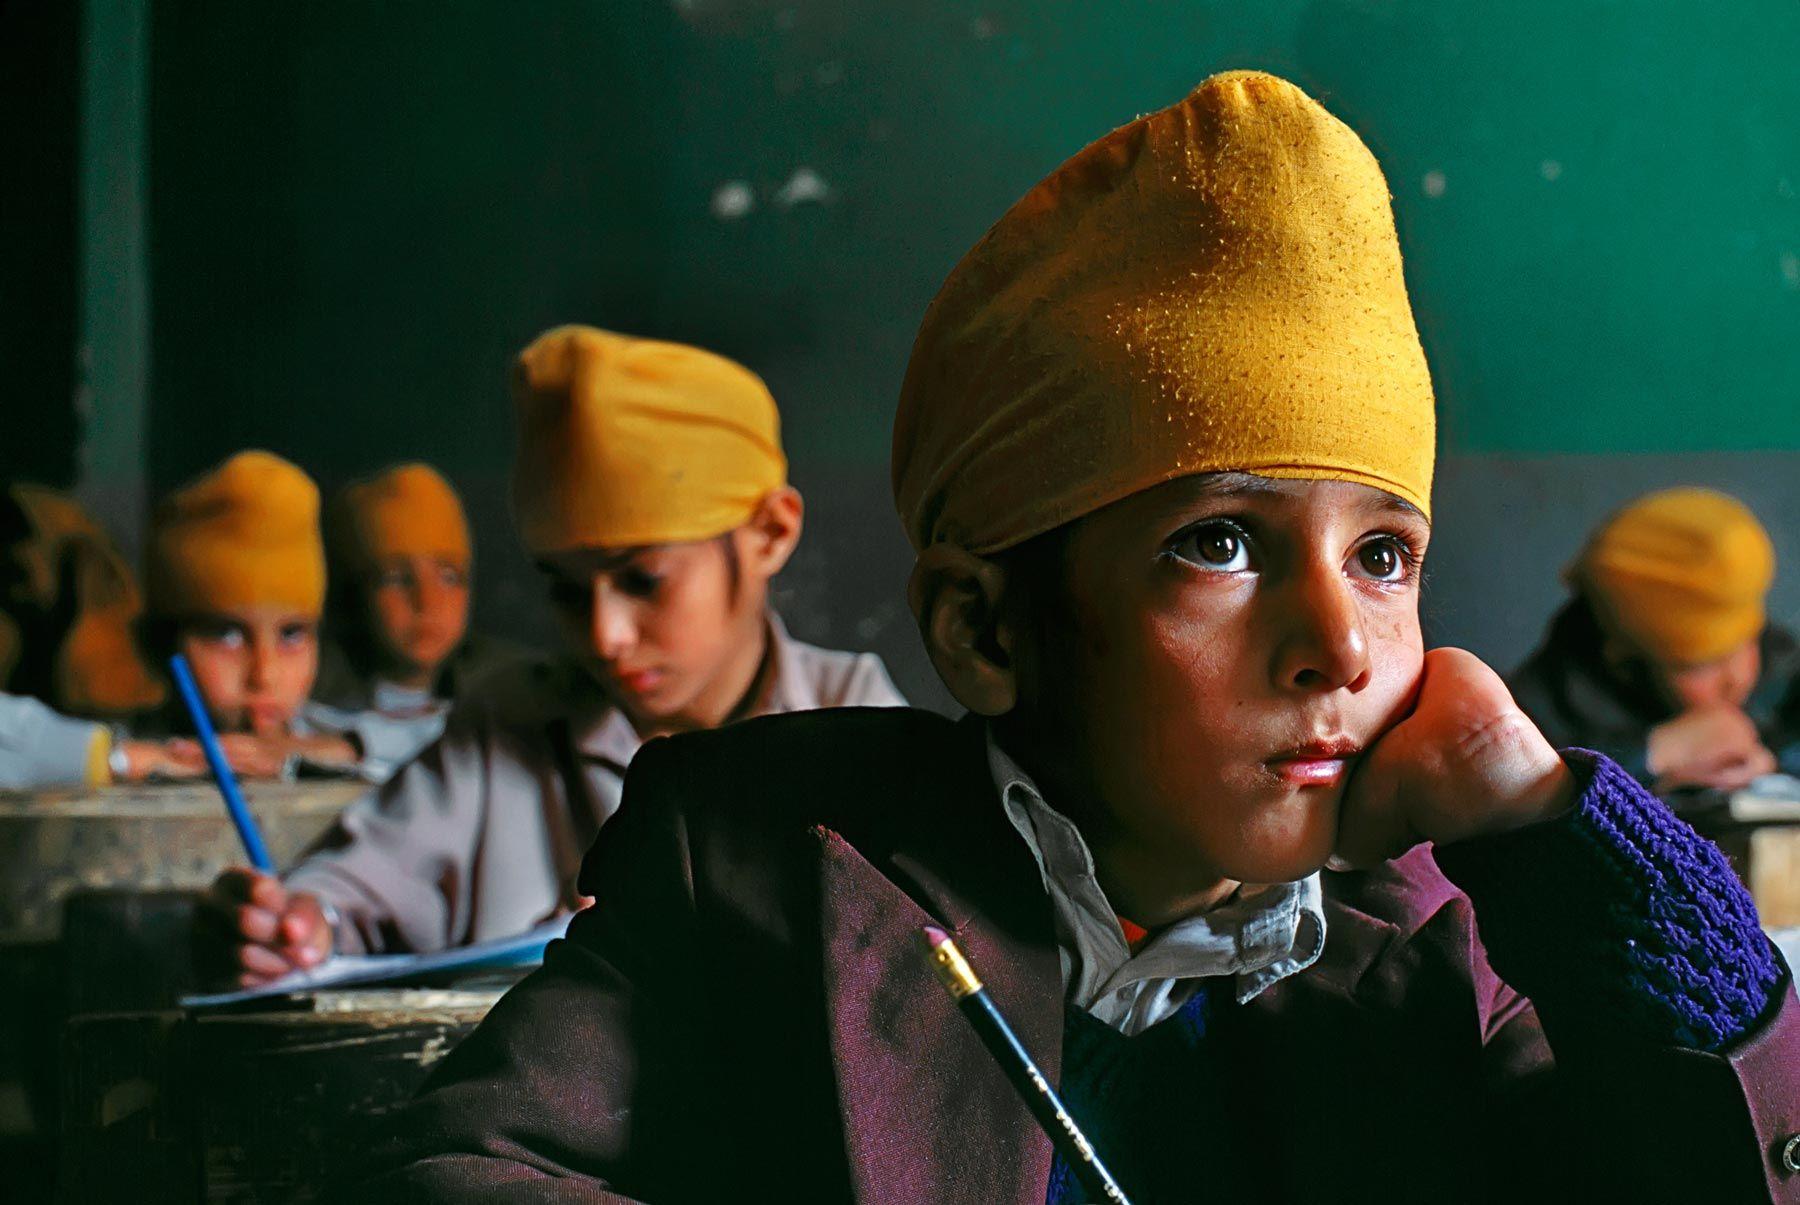 600 scatti Steve McCurry nelle scuole reggiane per incoraggiare l'empatia